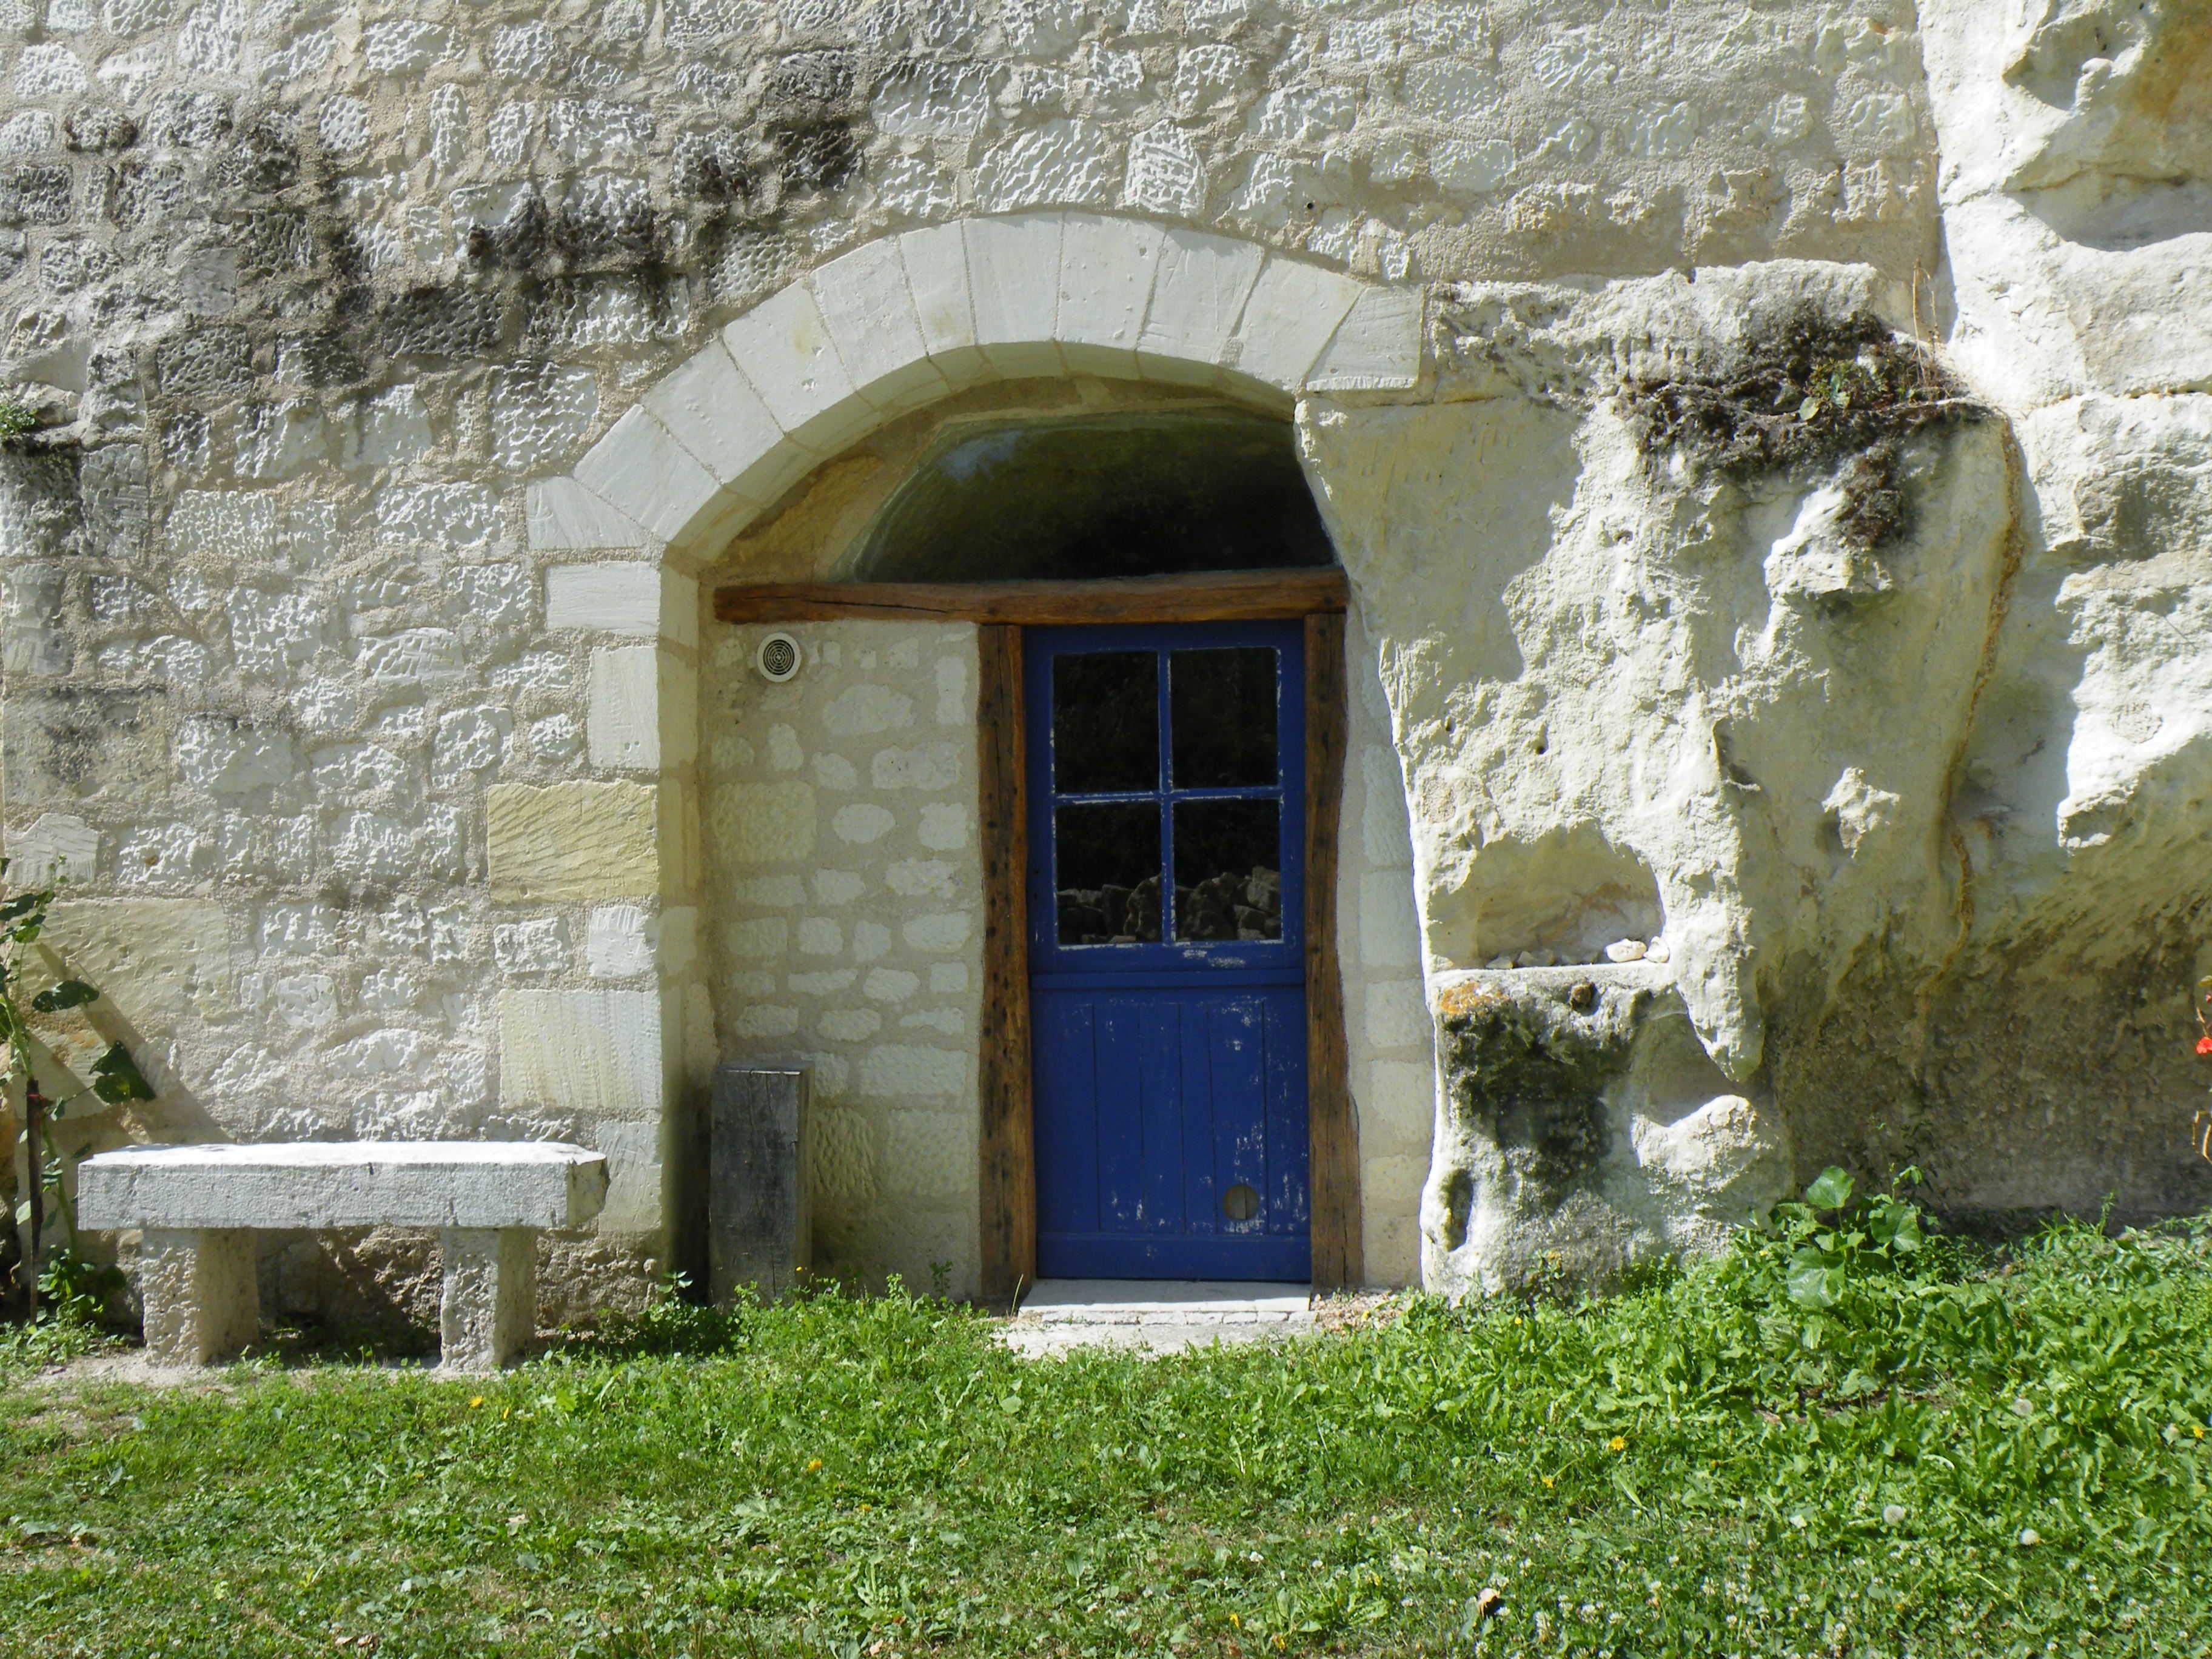 maison-troglo-bourre-adt41-clazi.jpg